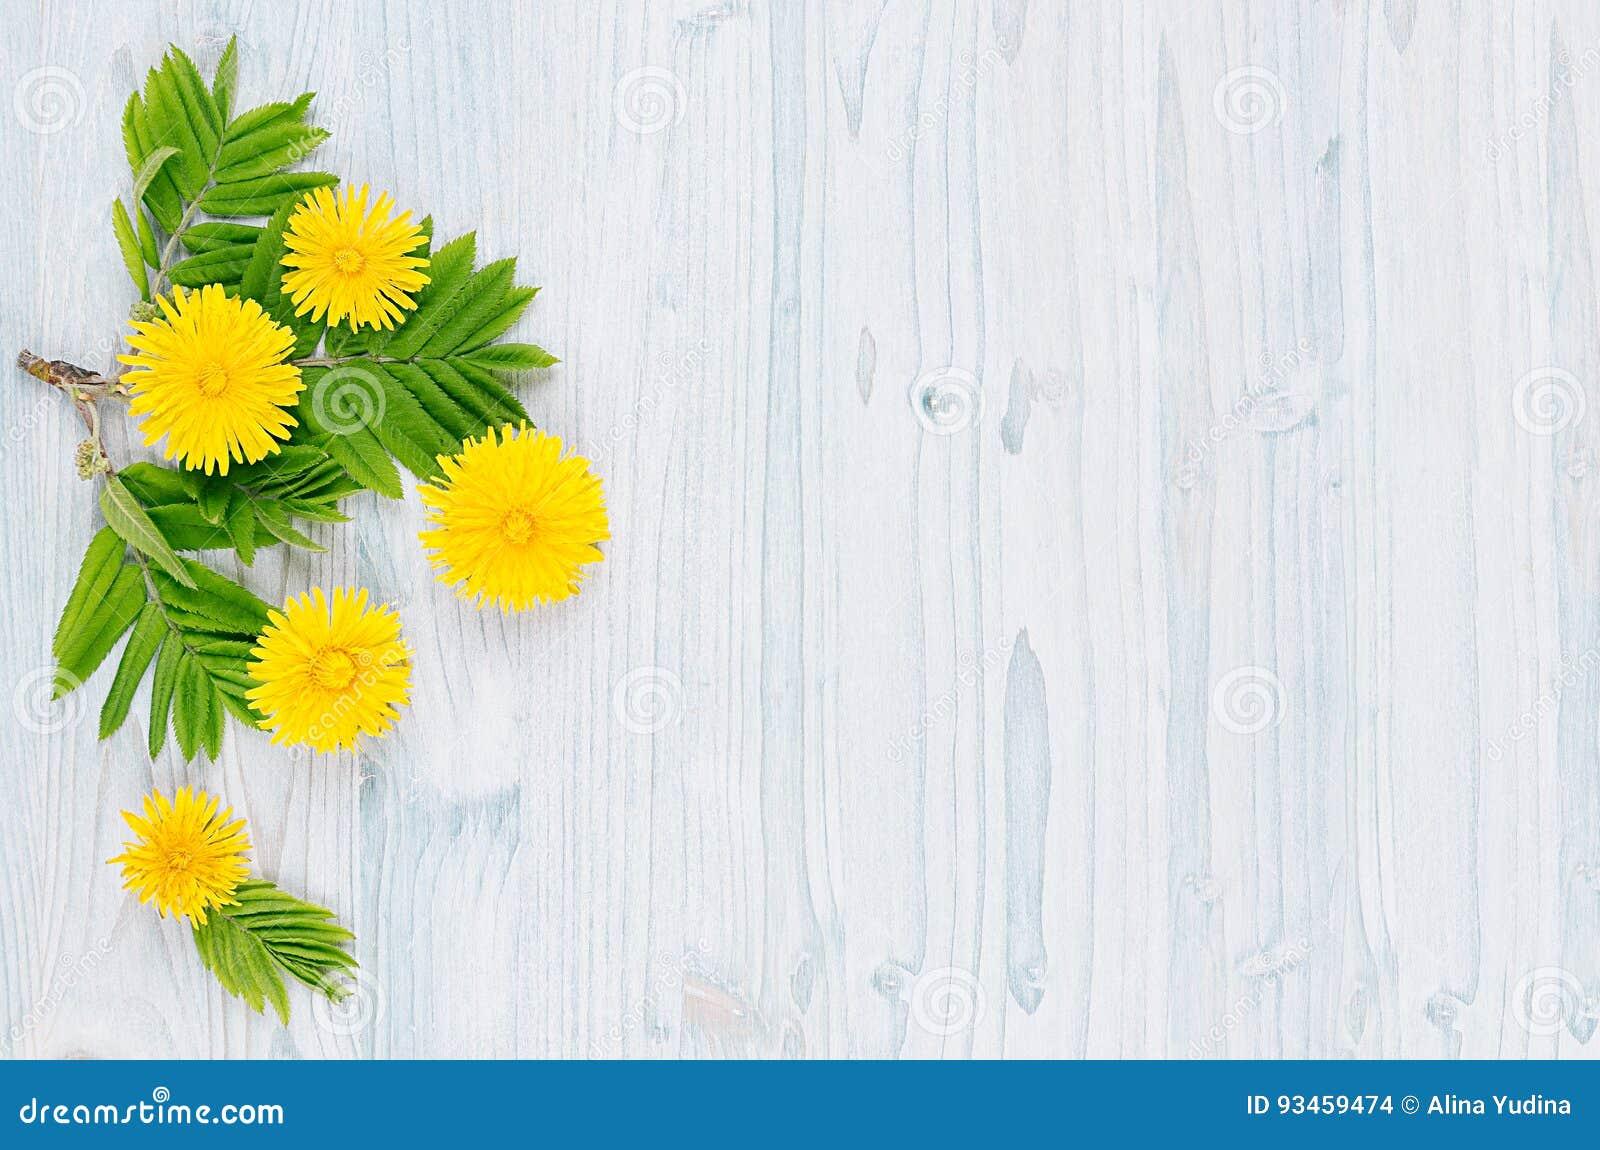 Yellow för fjäder för äng för bakgrundsmaskrosor full Gula maskrosblommor och gröna sidor på ljus - blått träbräde med kopierings